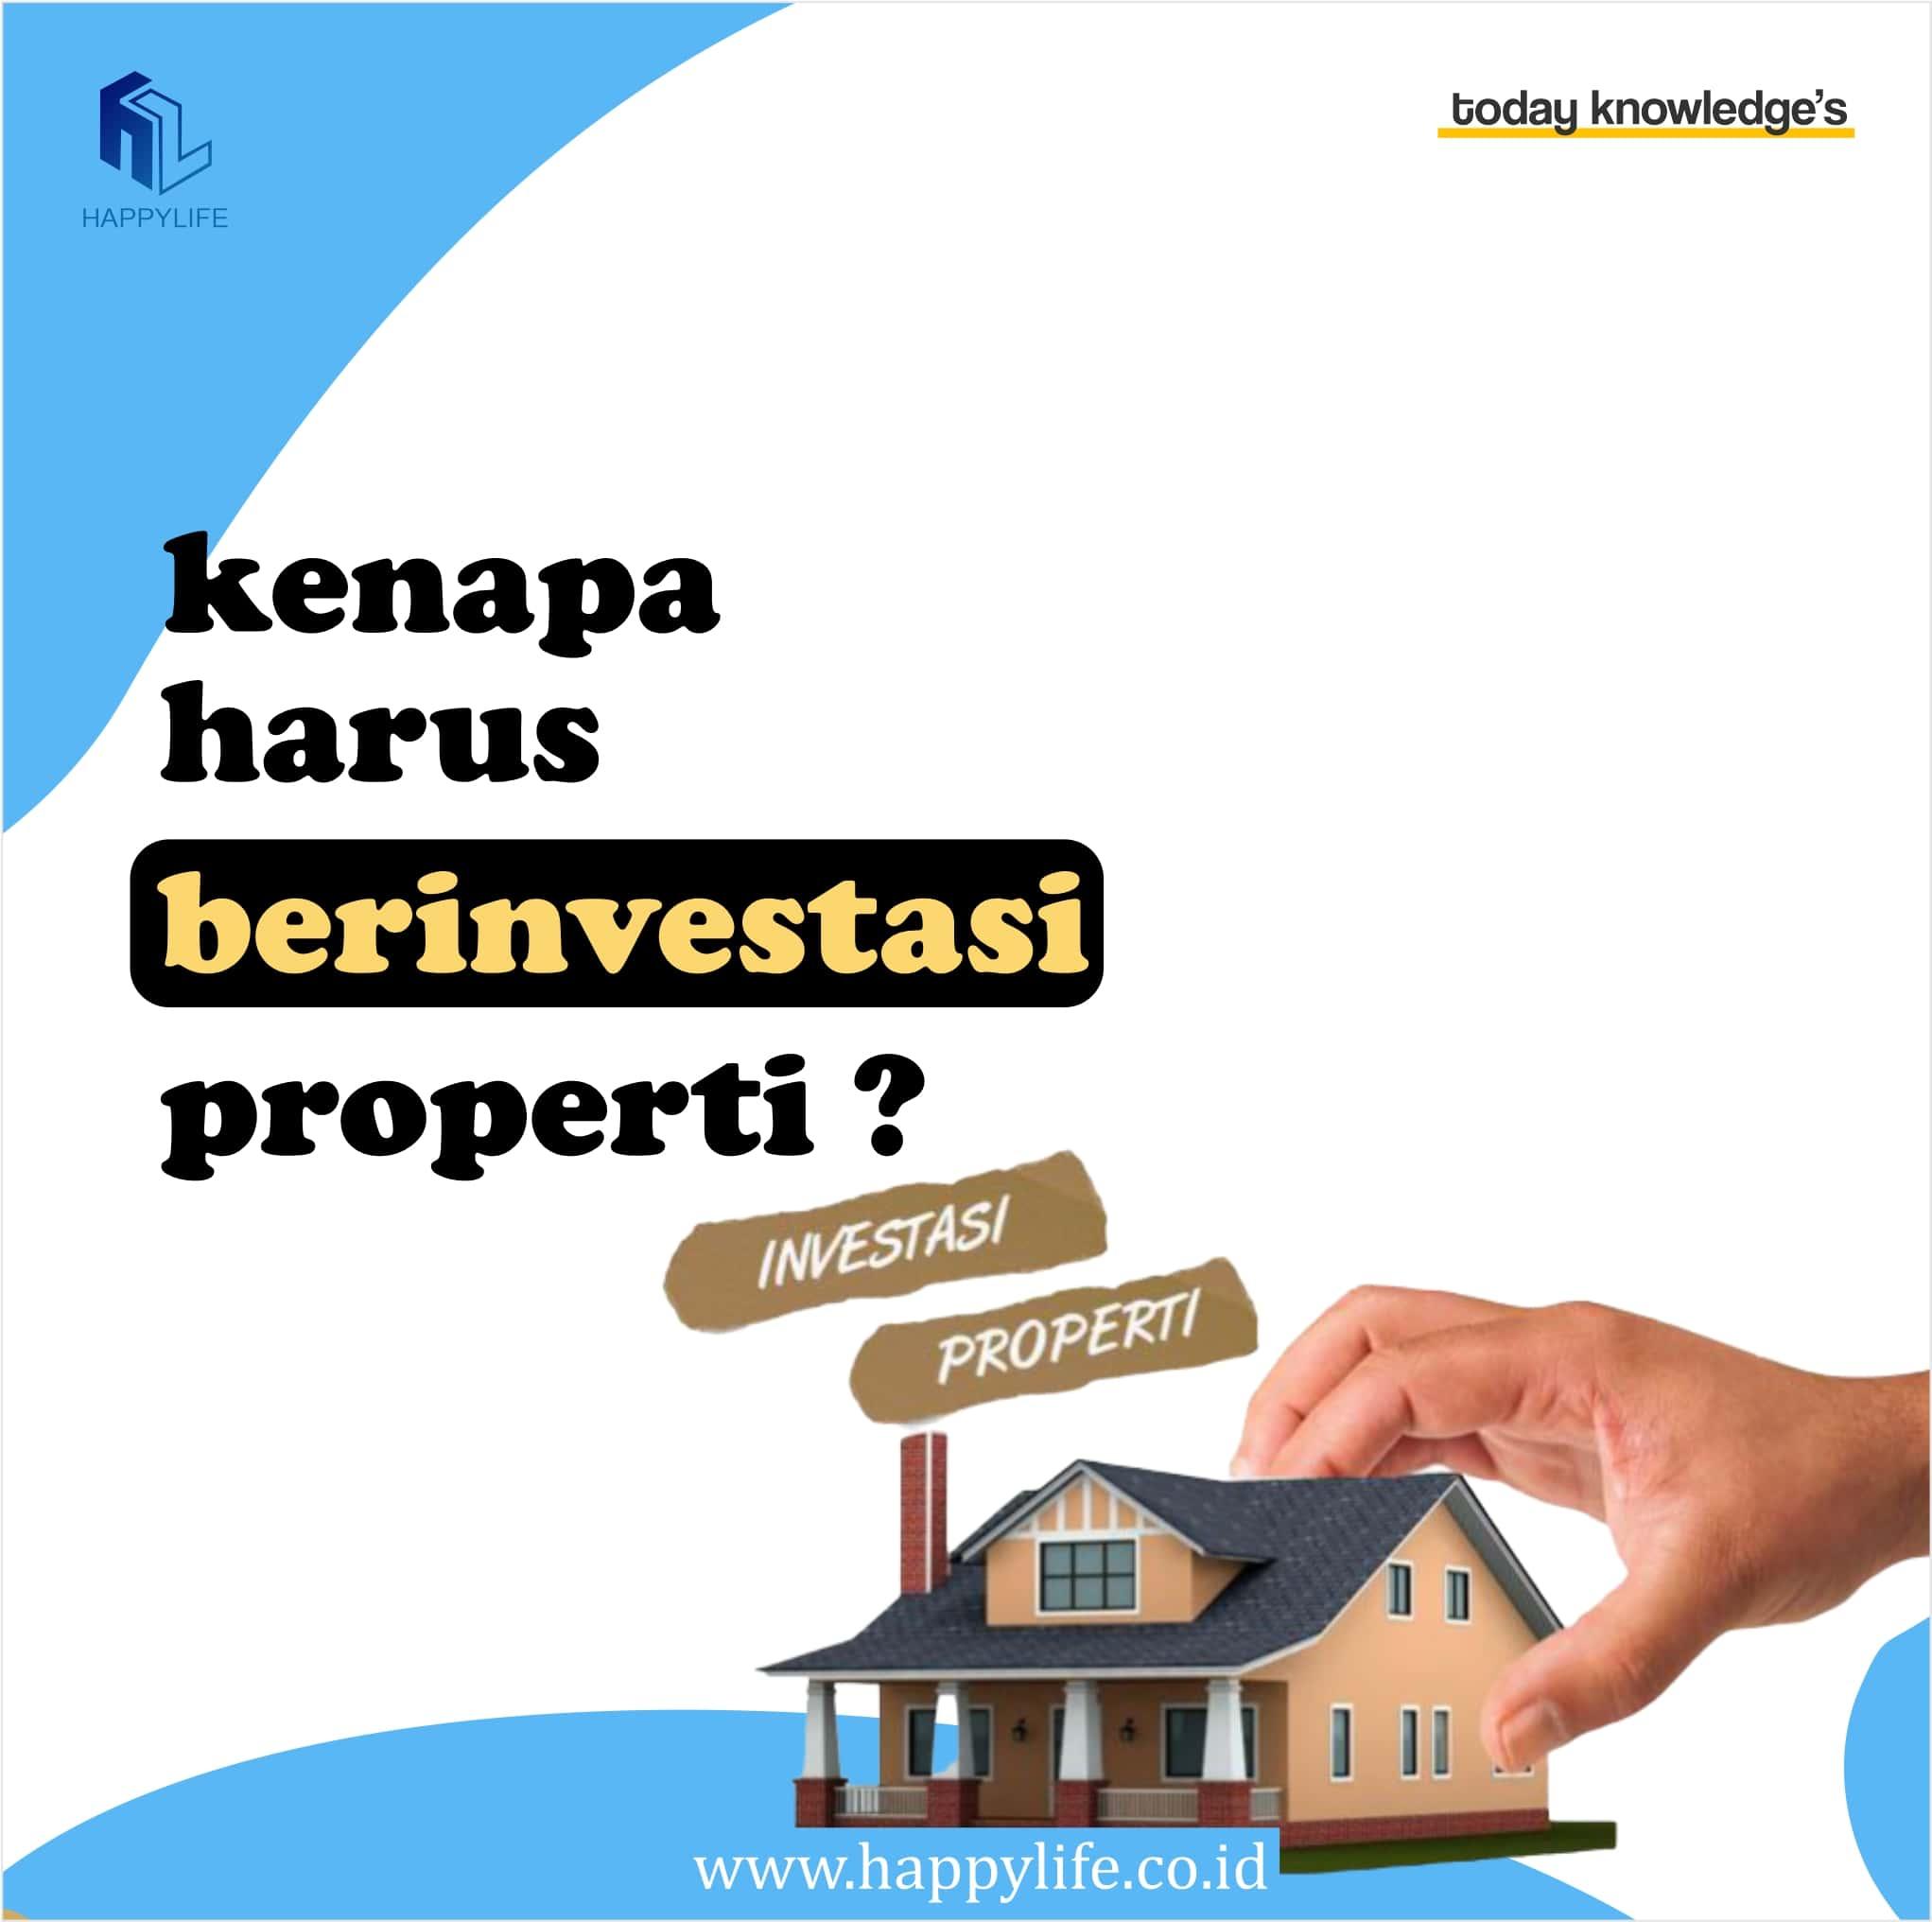 kenapa harus berinvestasi properti